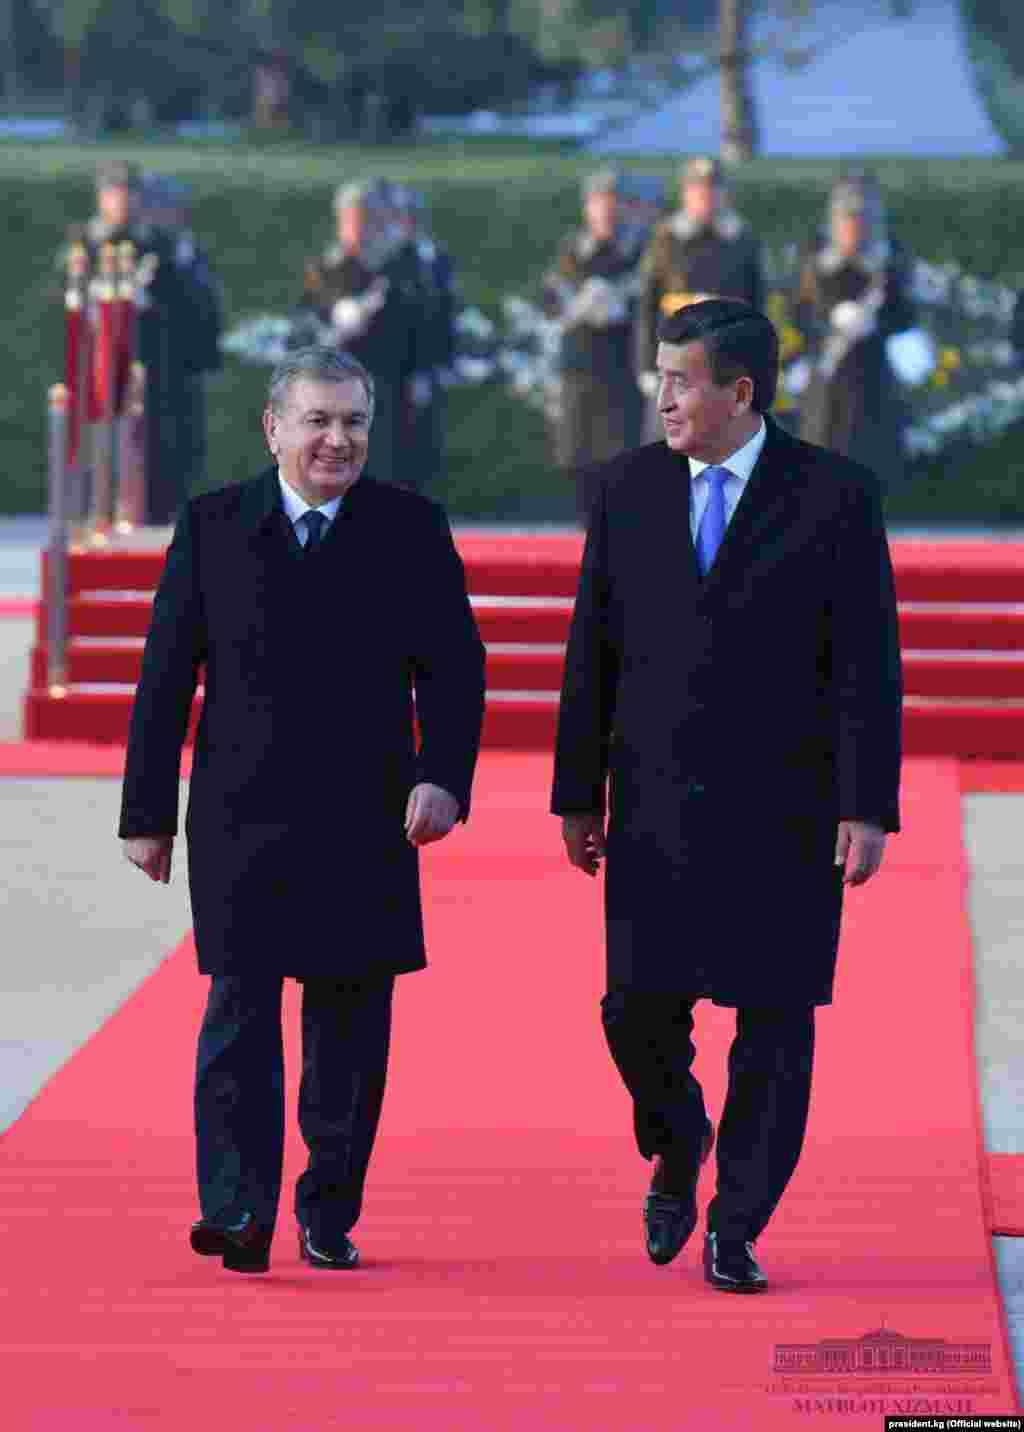 Өзбекстан басшысы Шавкат Мирзияевтің президент Сооронбай Жээнбековті қарсы алуы.